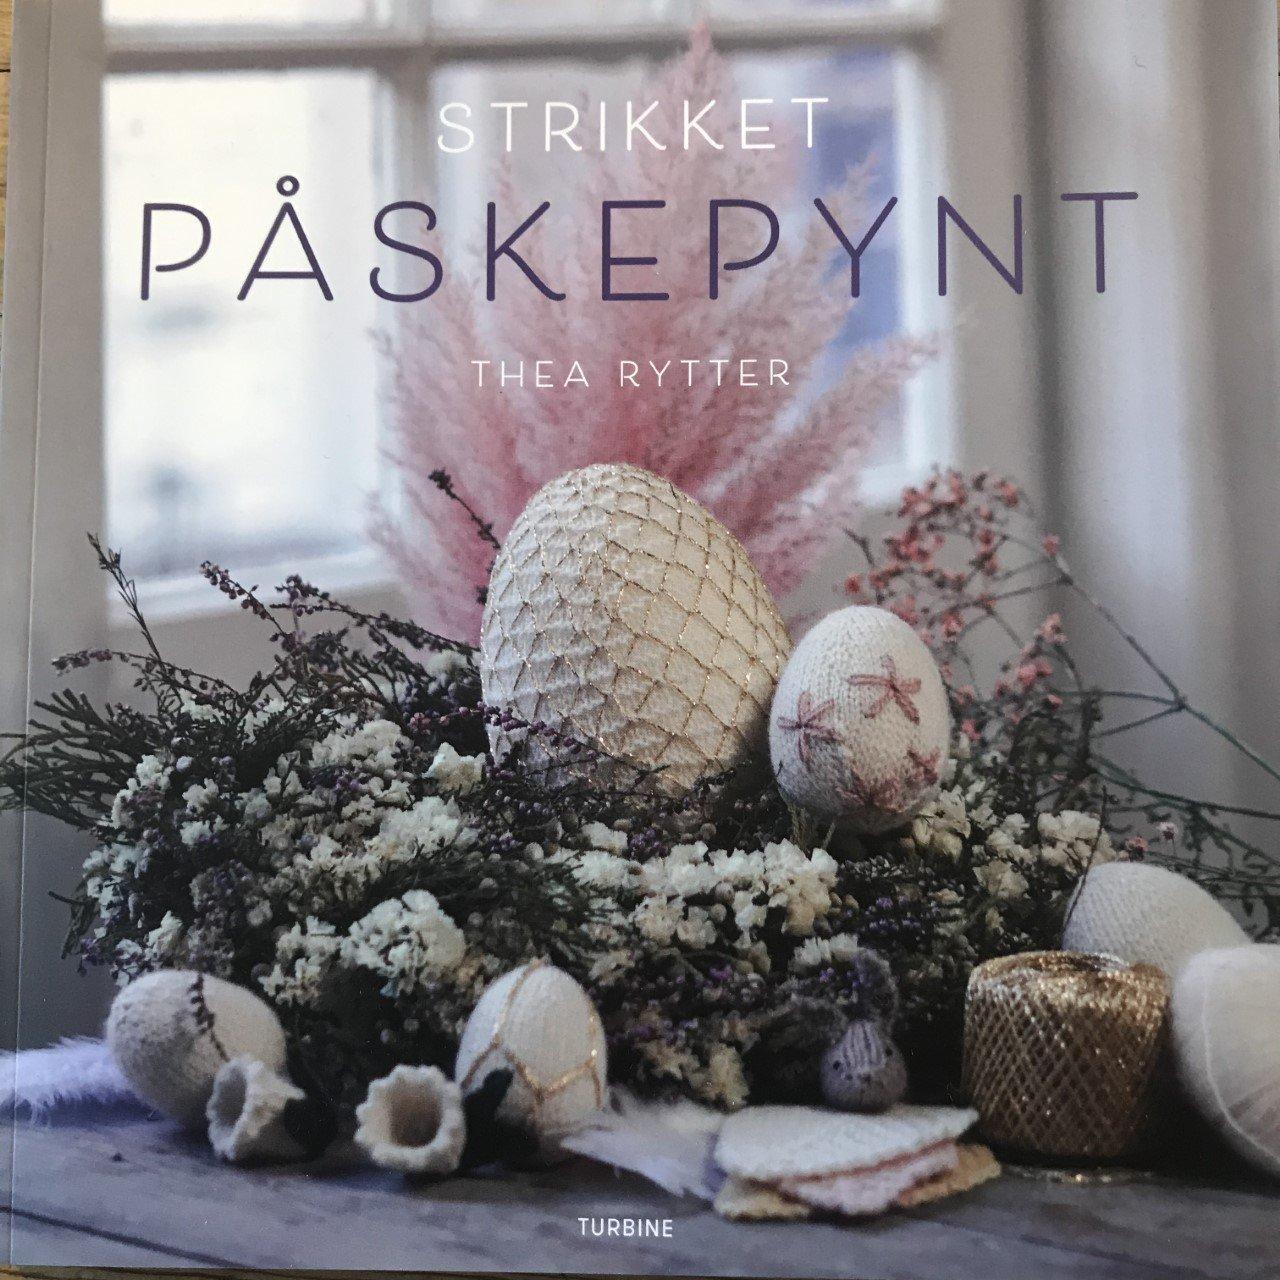 Påskepynt - Thea Rytter